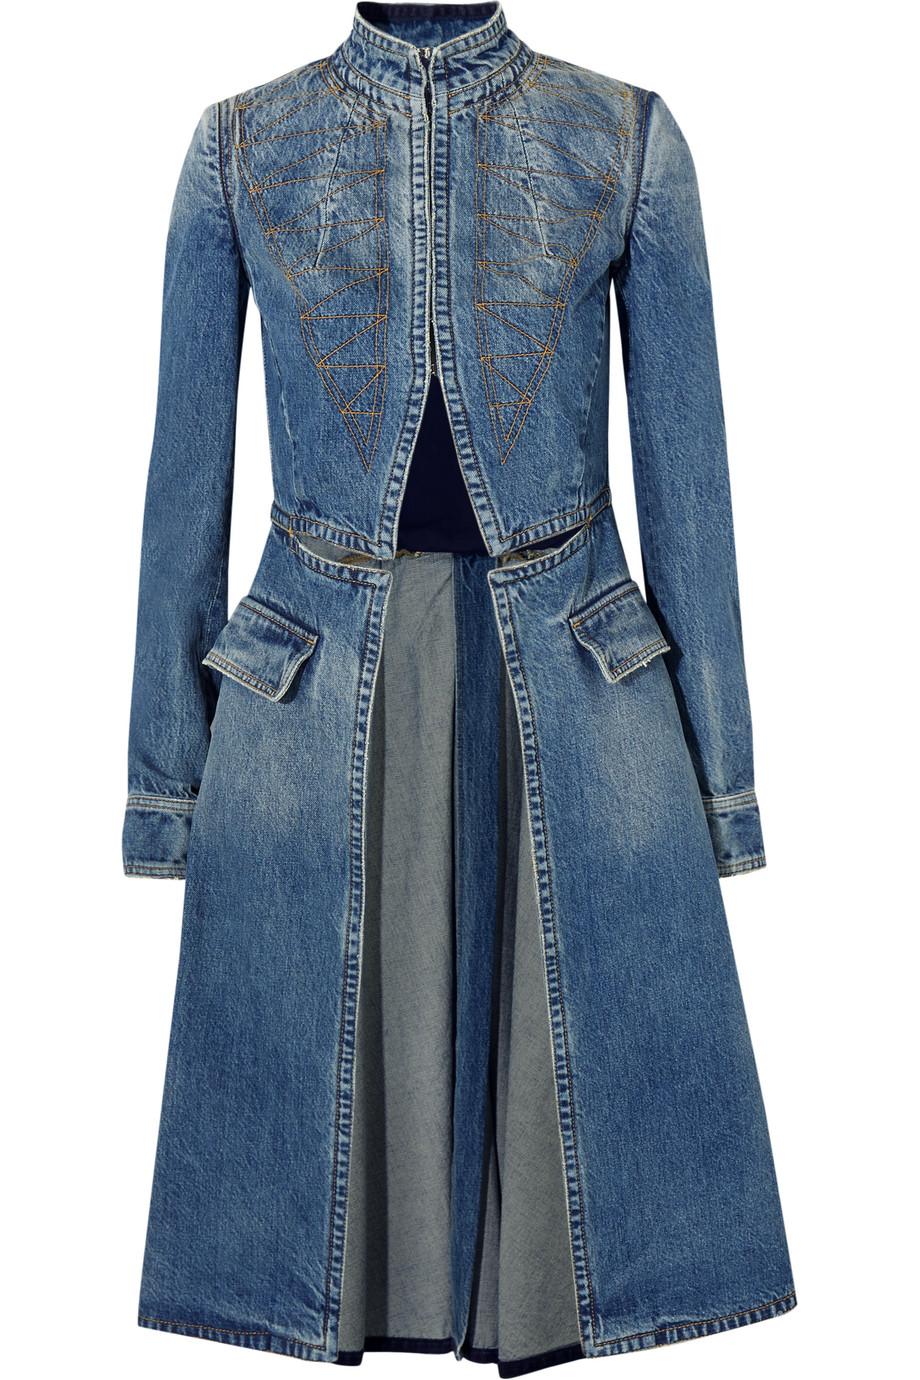 Alexander Mcqueen Embroidered Denim Coat, Size: 38